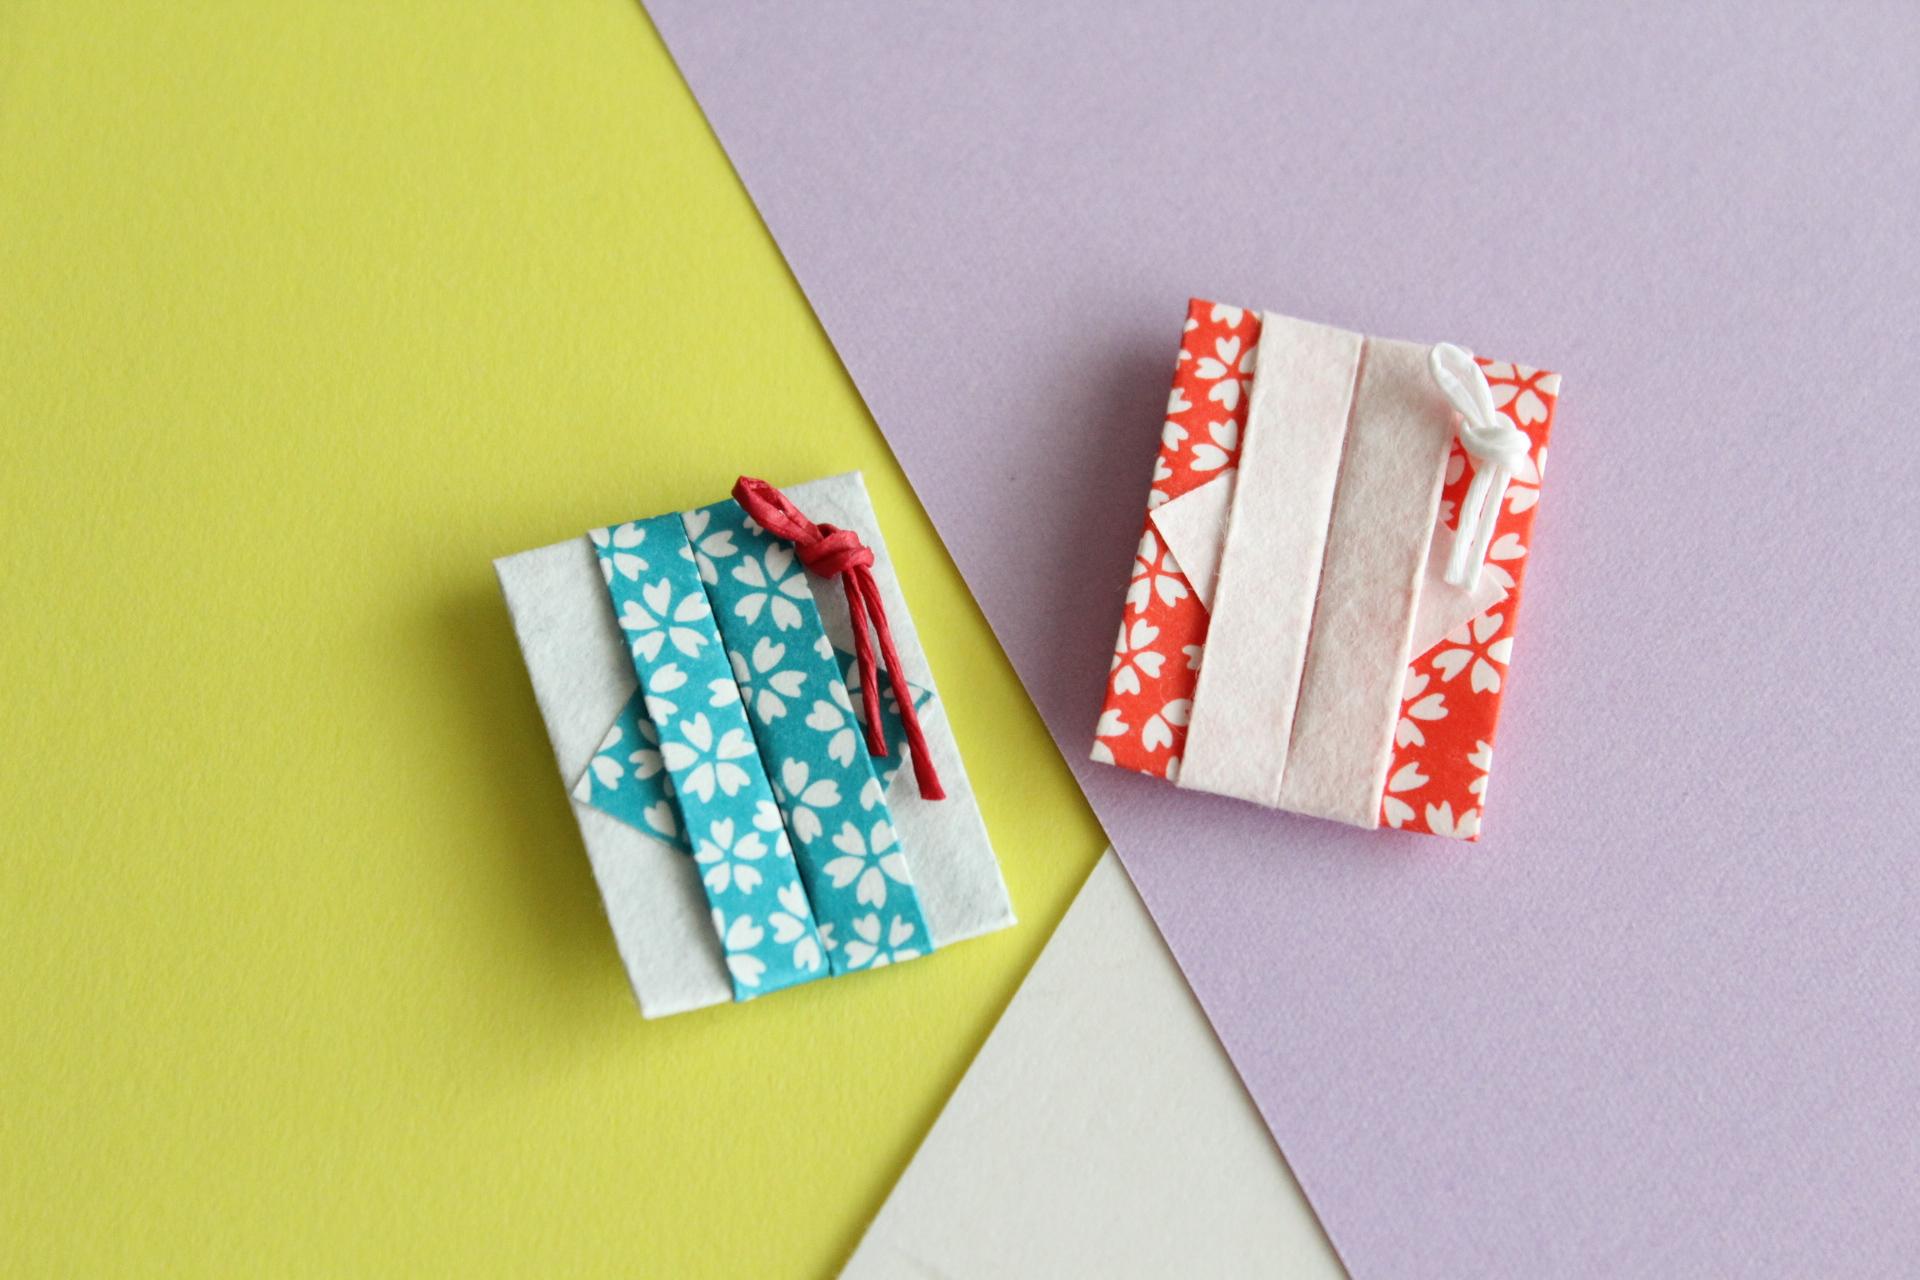 折り紙で紅入れの作り方